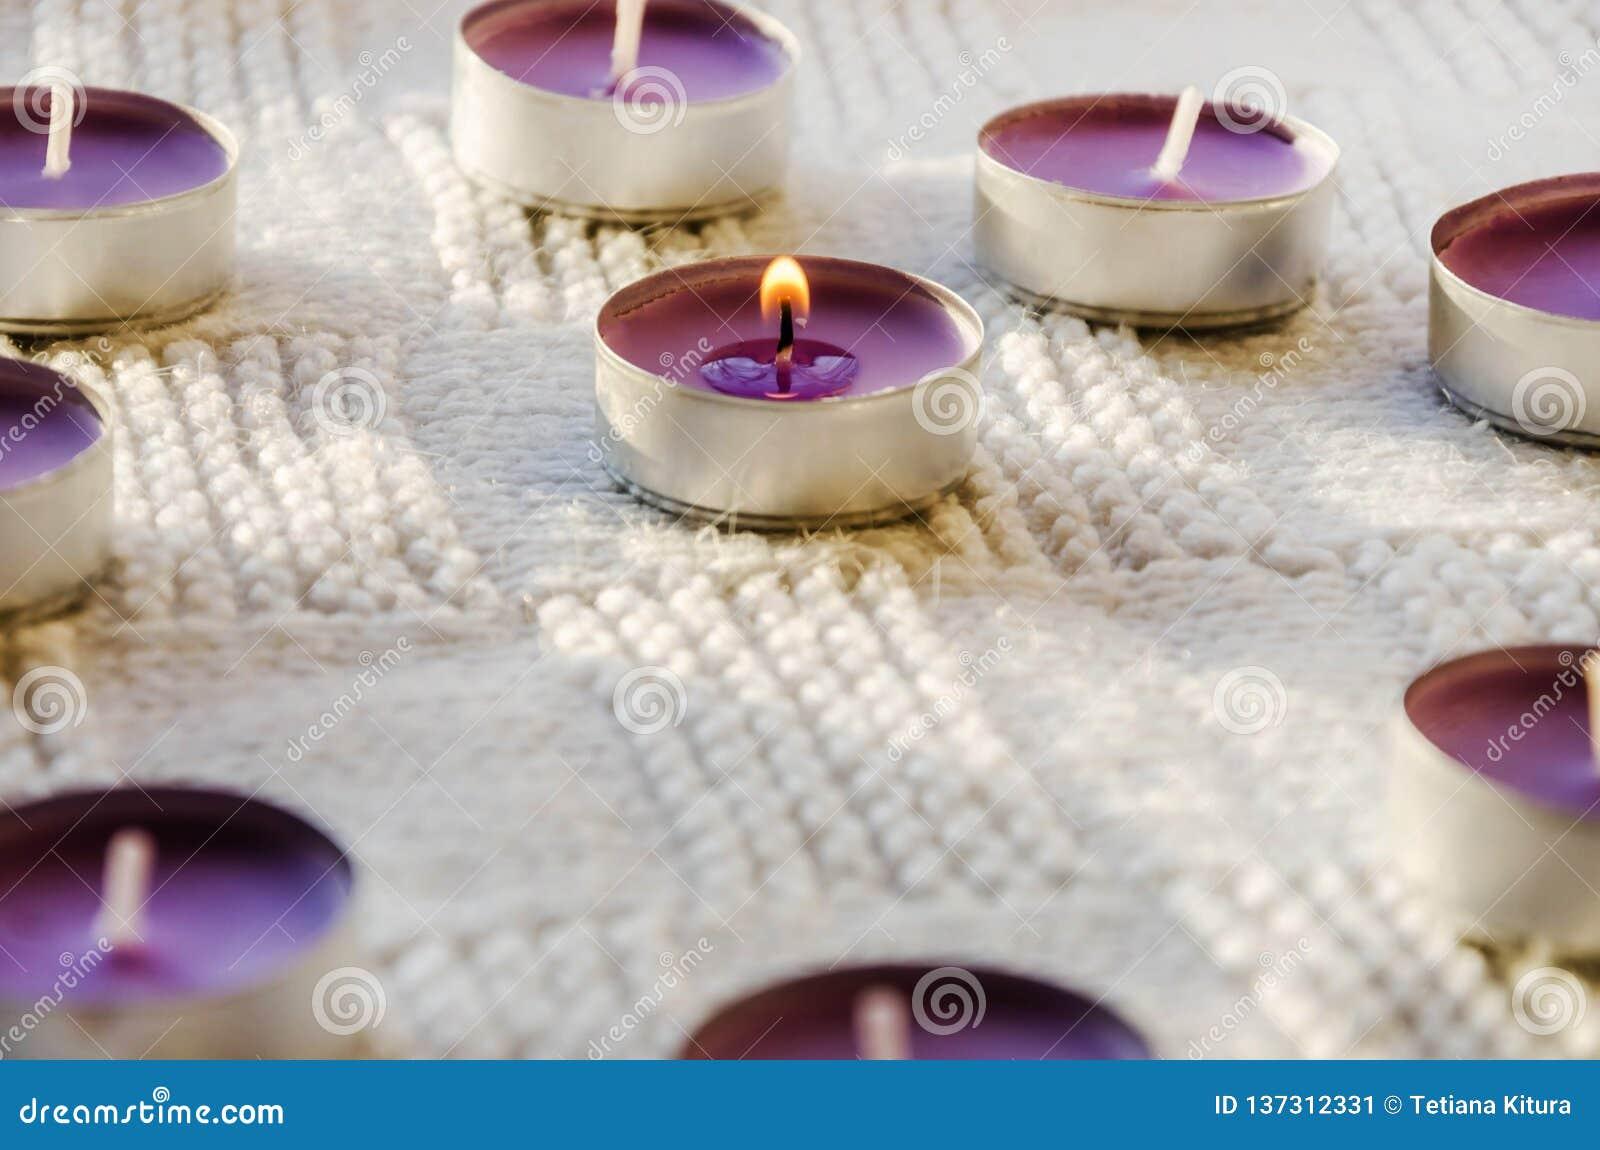 Petites, pourpres, aromatiques bougies sur un fond blanc